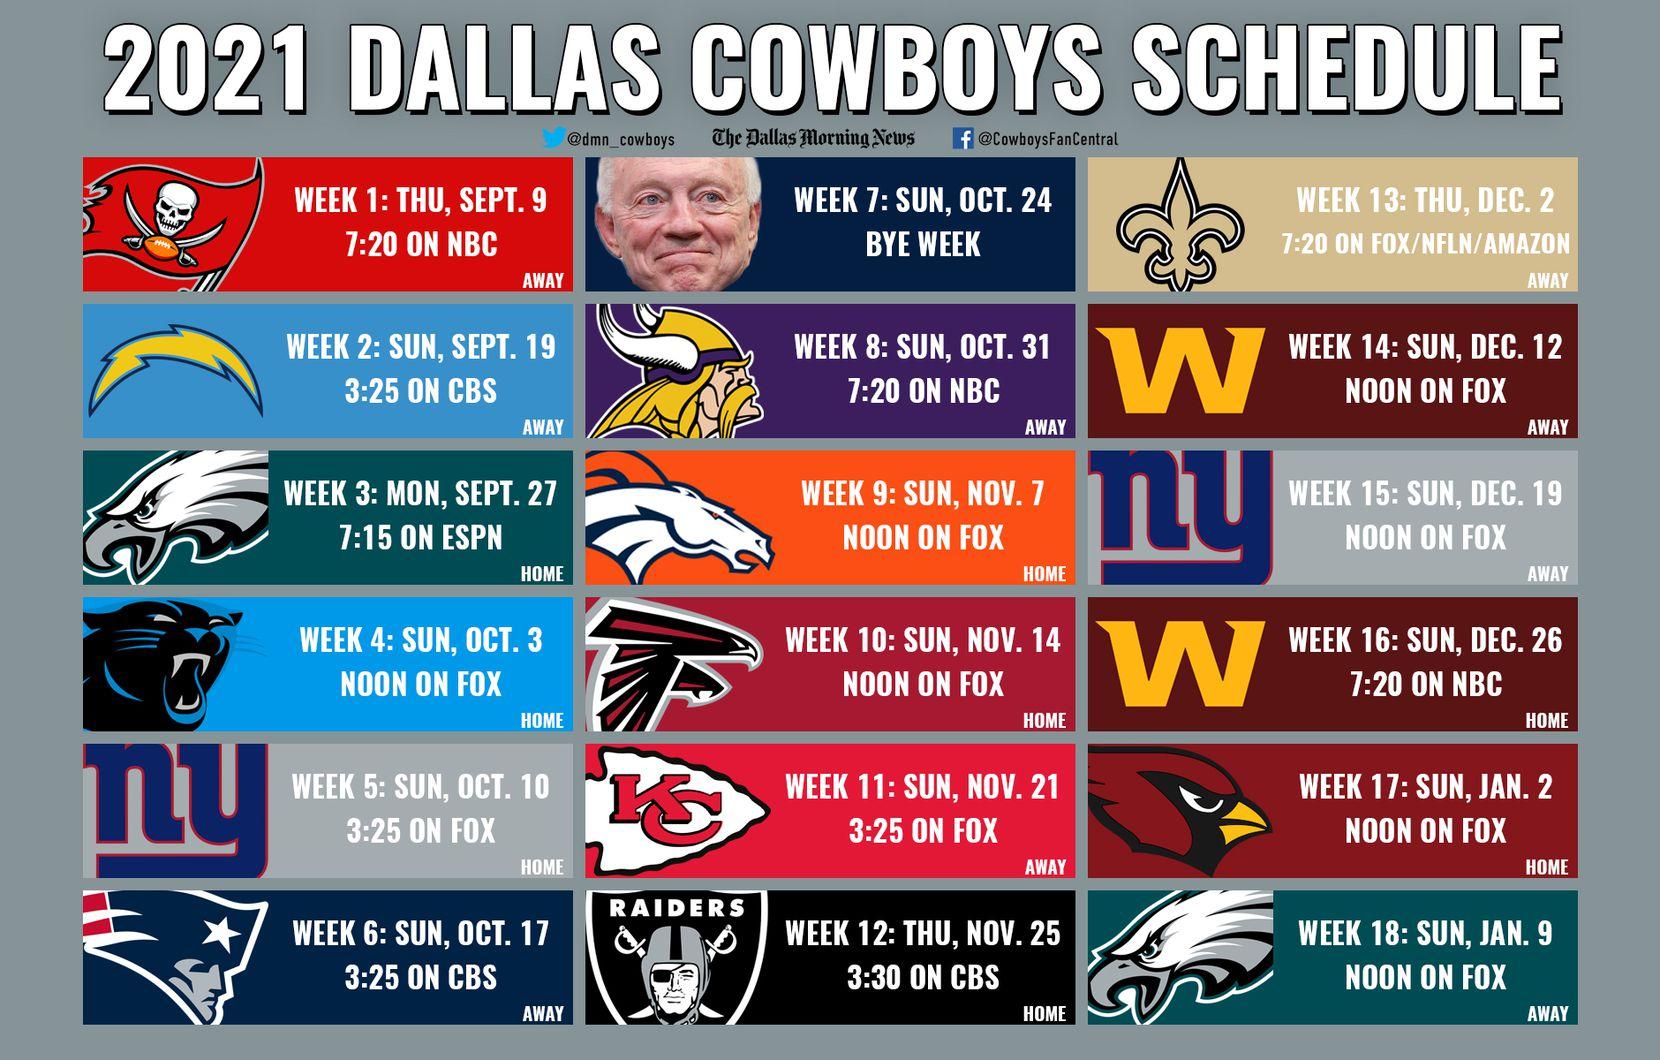 The 2021 Dallas Cowboys schedule.